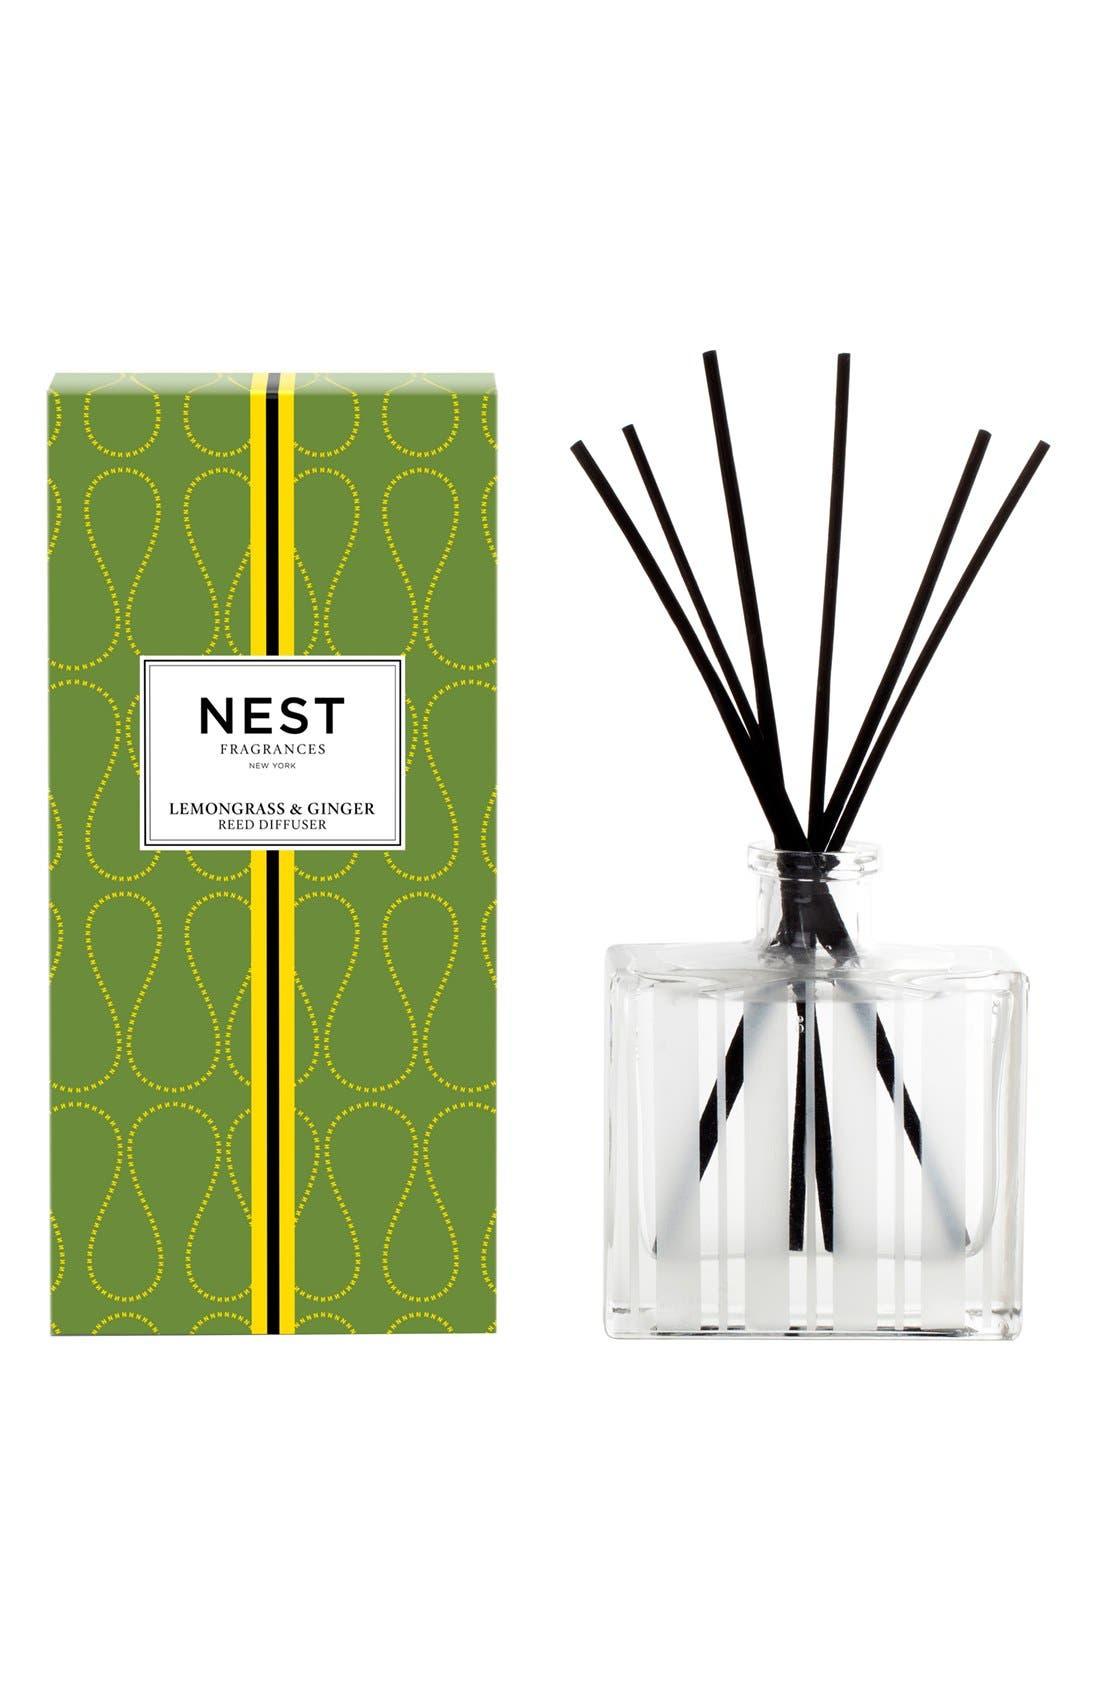 Main Image - NEST Fragrances 'Lemongrass & Ginger' Reed Diffuser